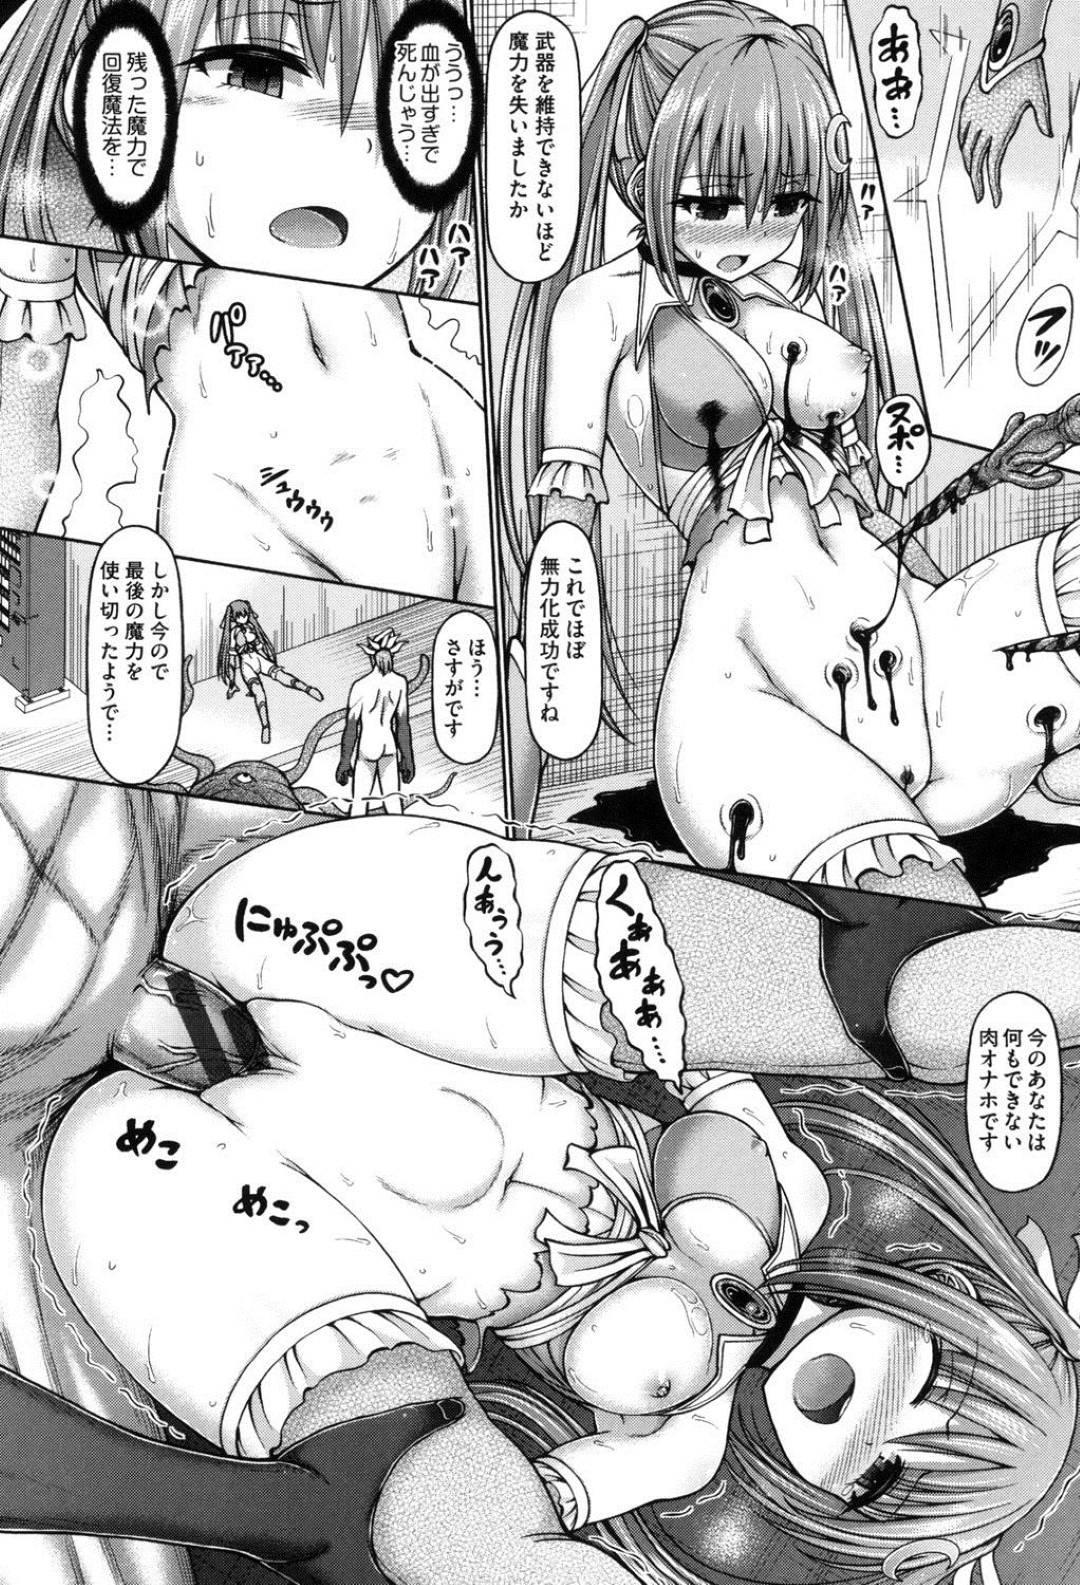 【エロ漫画】天界の力を受けて魔神と戦う美乳魔法少女…魔神の触手に捕まり魔力を失うと処女マンコに極太チンポを生ハメして処女喪失。そのまま激しく腰を振られて中出し、触手の魔物にも犯され最後は市民とクラスメートに輪姦中出しセックス!【(橋村青樹):魔法少女ミズキ/オリジナル】